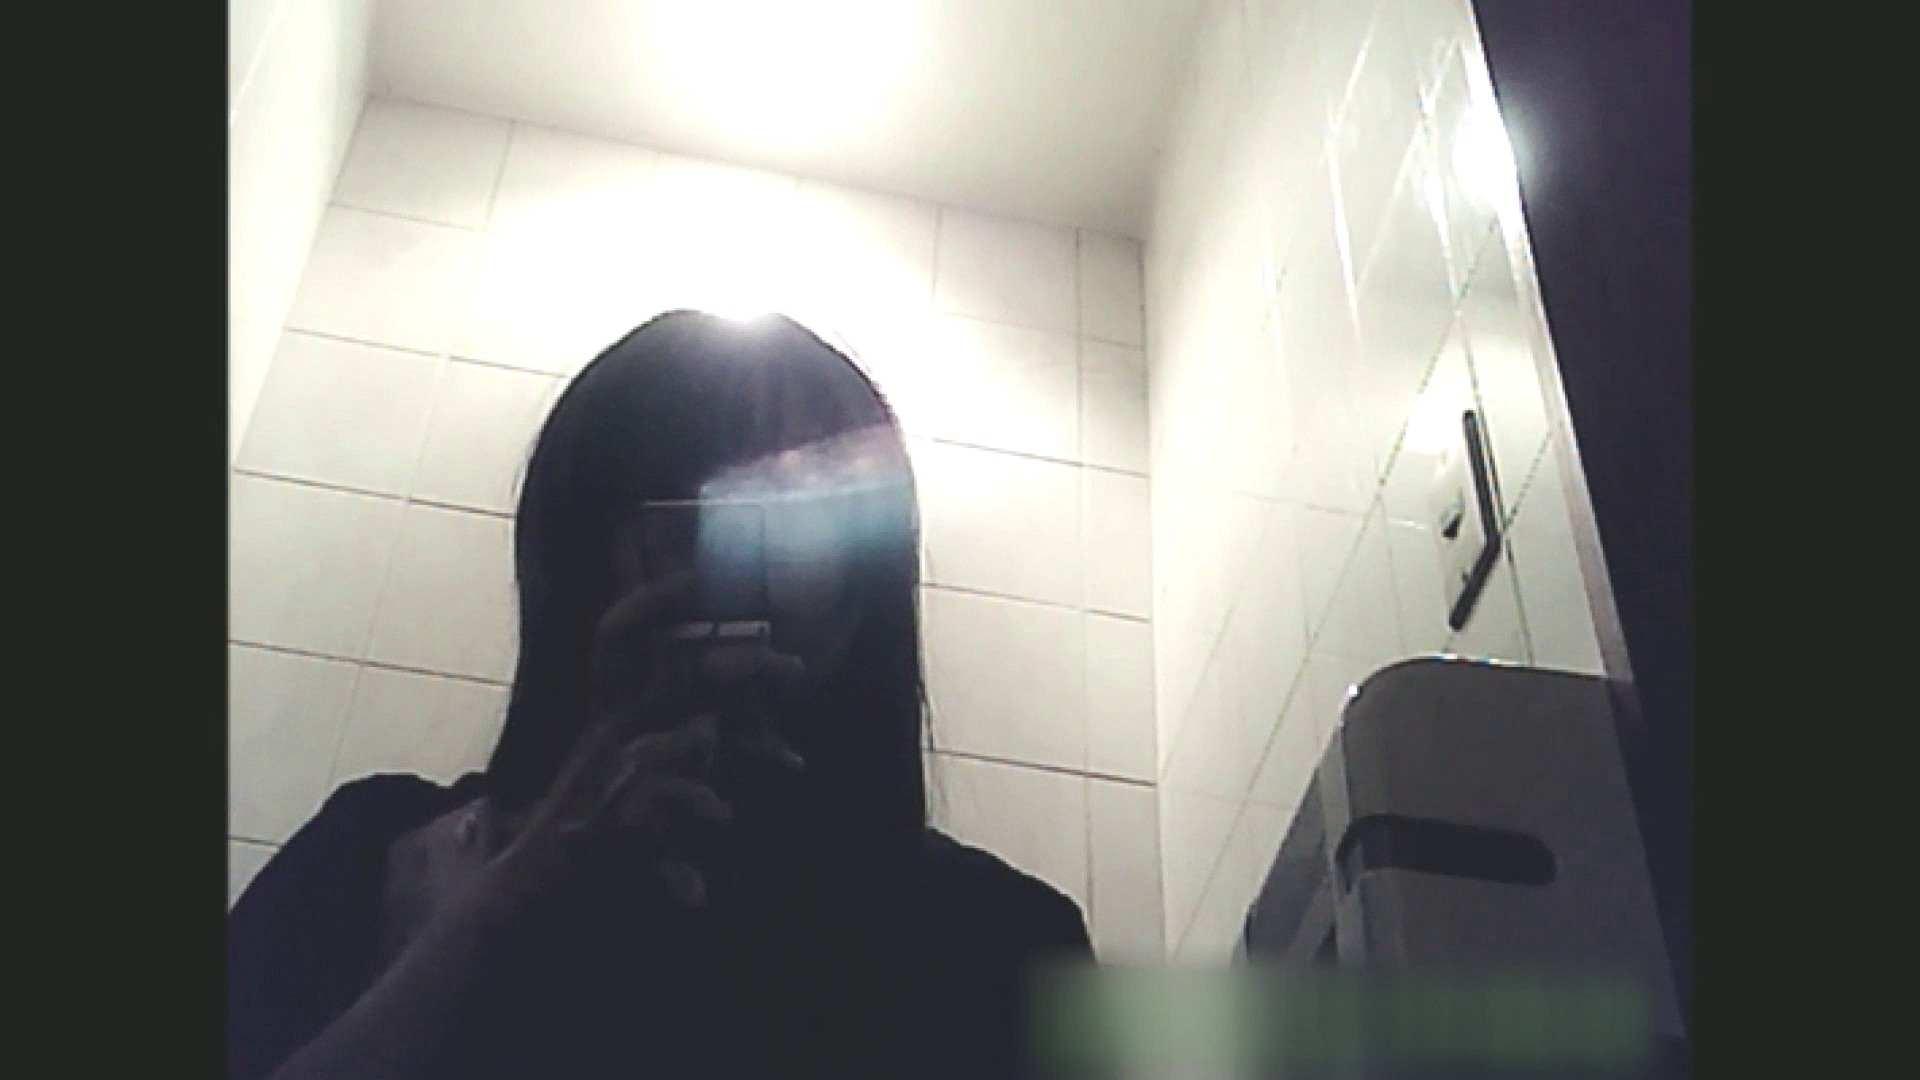 実録!!綺麗なお姉さんのトイレ事情・・・。vol.4 トイレ 盗撮エロ画像 39PICs 3